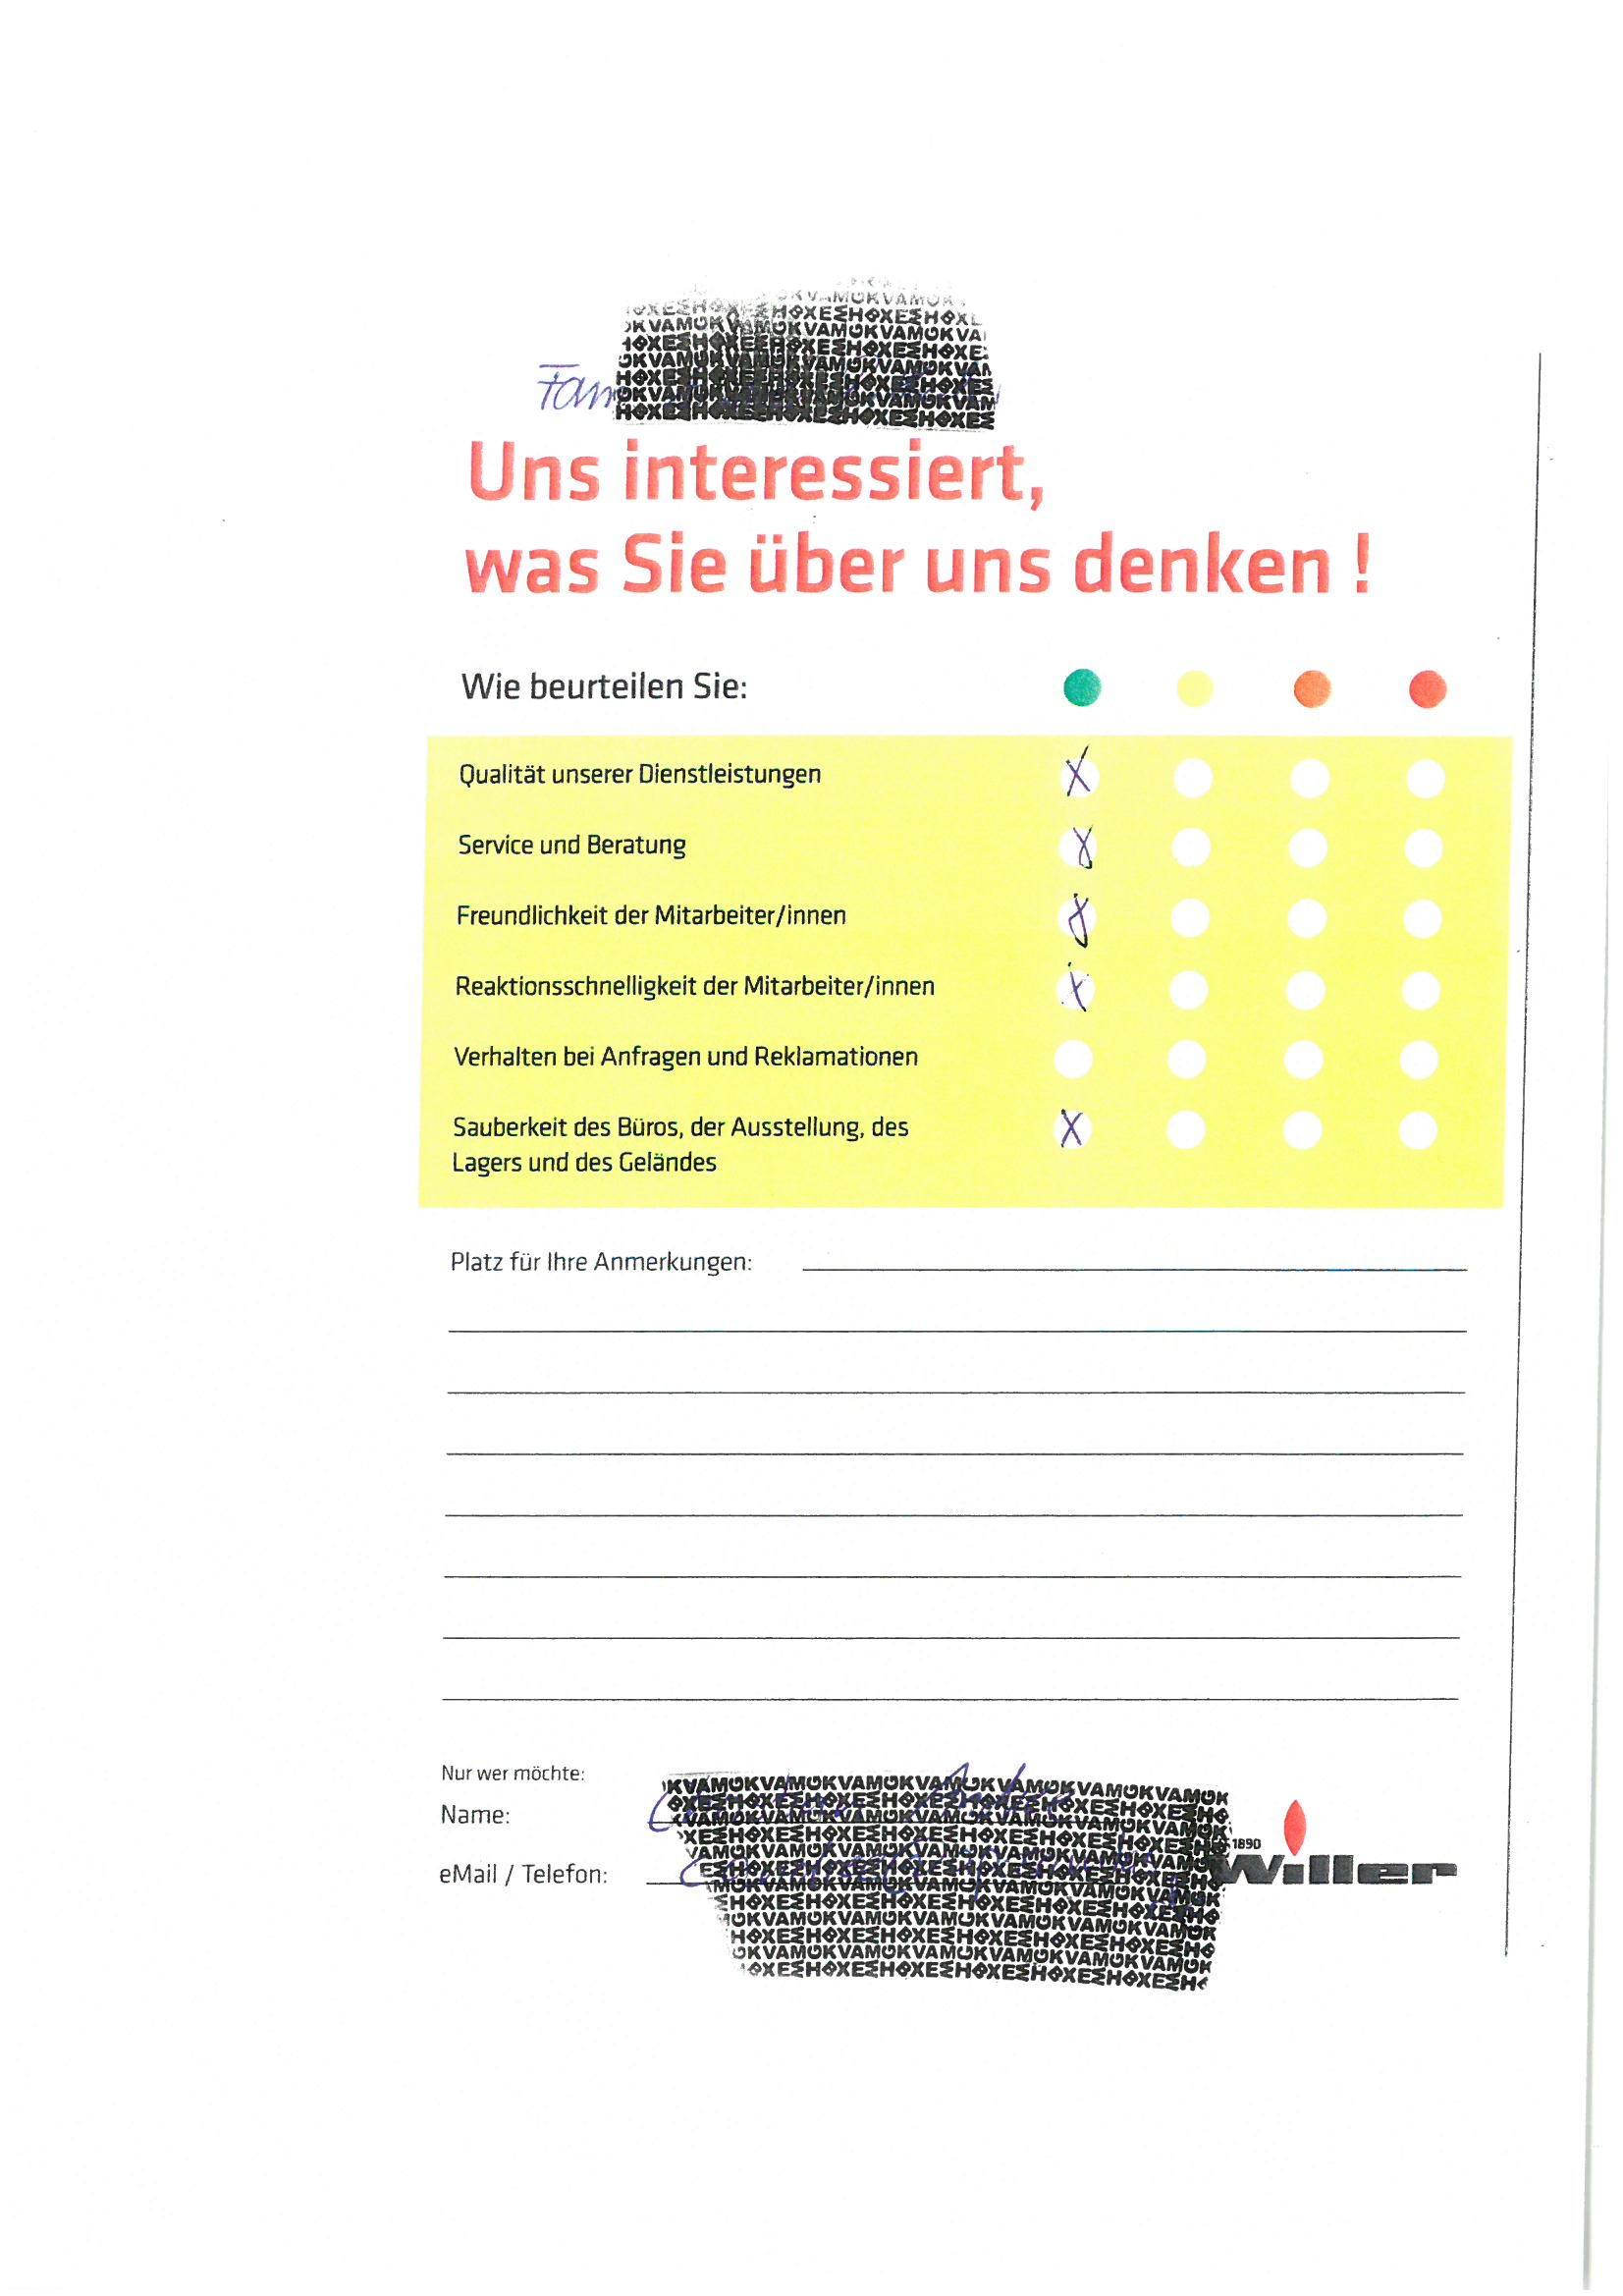 Bewertungen_Willer_Ludwigshafen_2020_ (19)